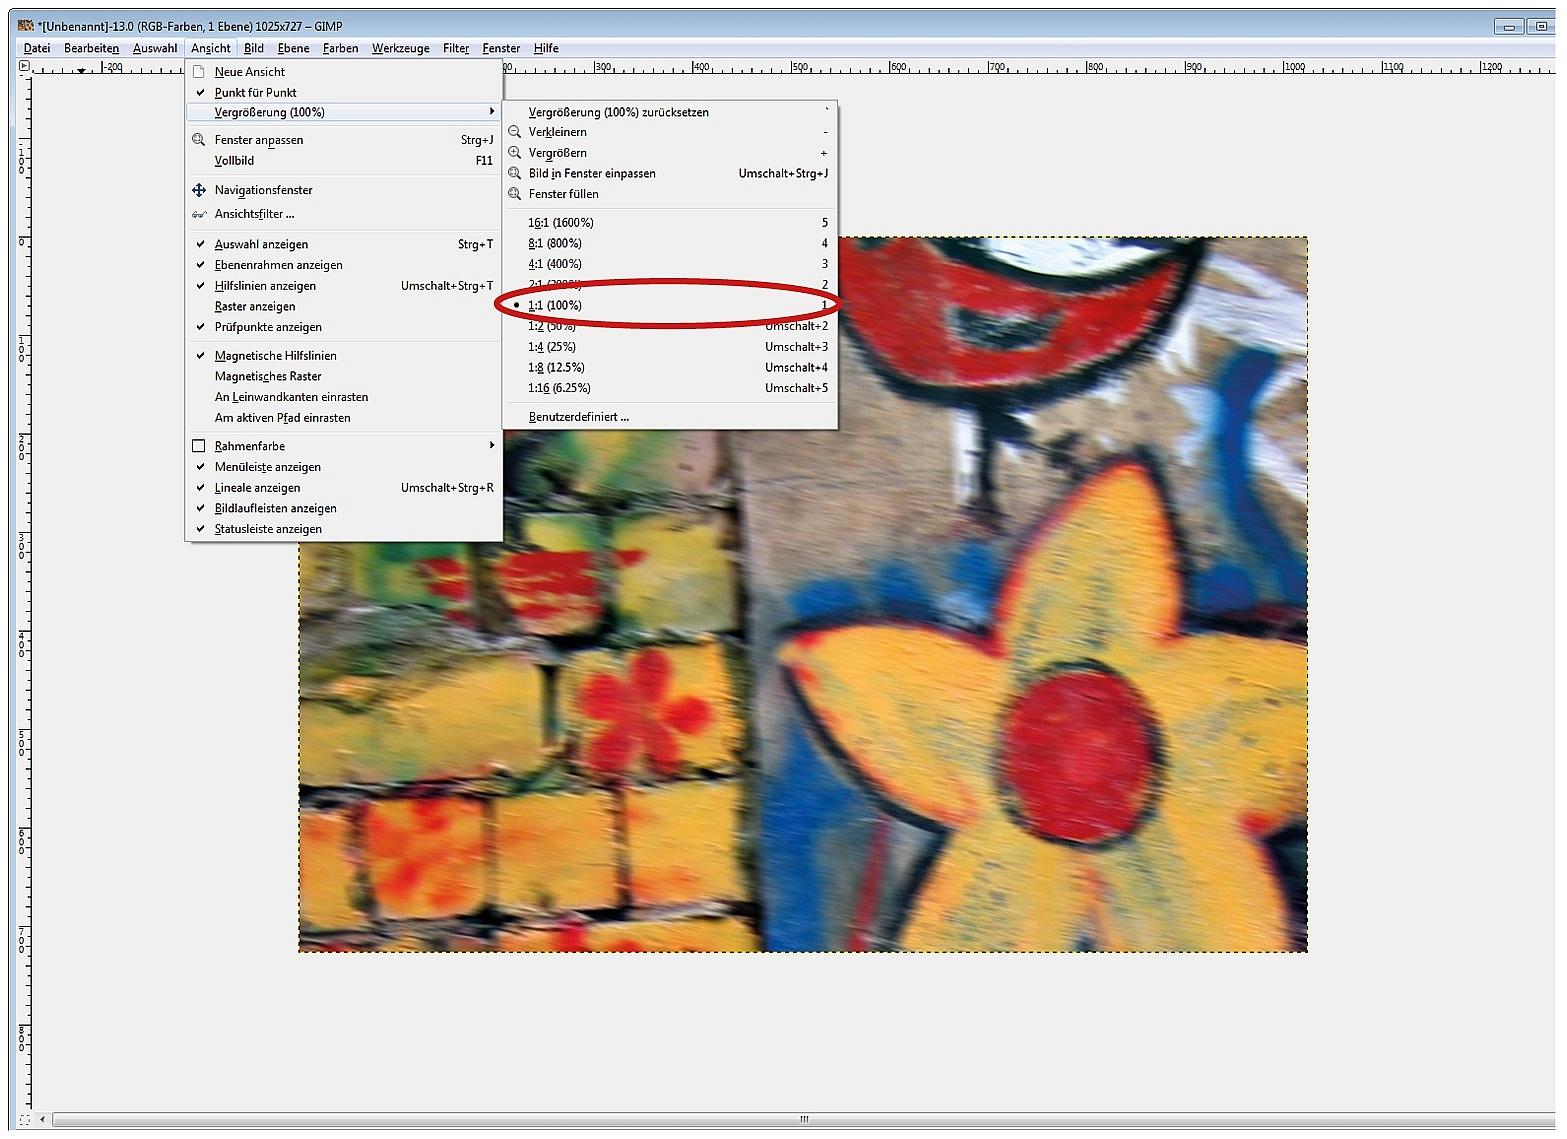 Foto mit 100% der Bildgröße auf dem Monitor anzeigen lassen